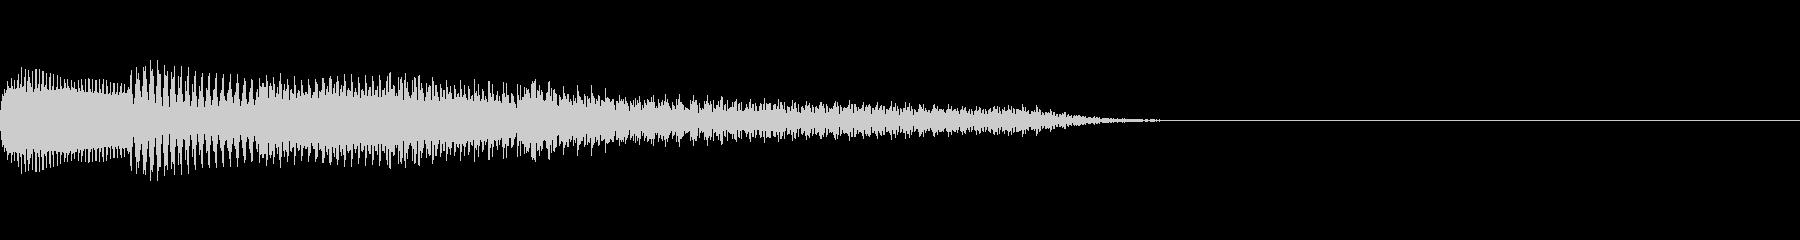 綺麗なピアノジングルの未再生の波形